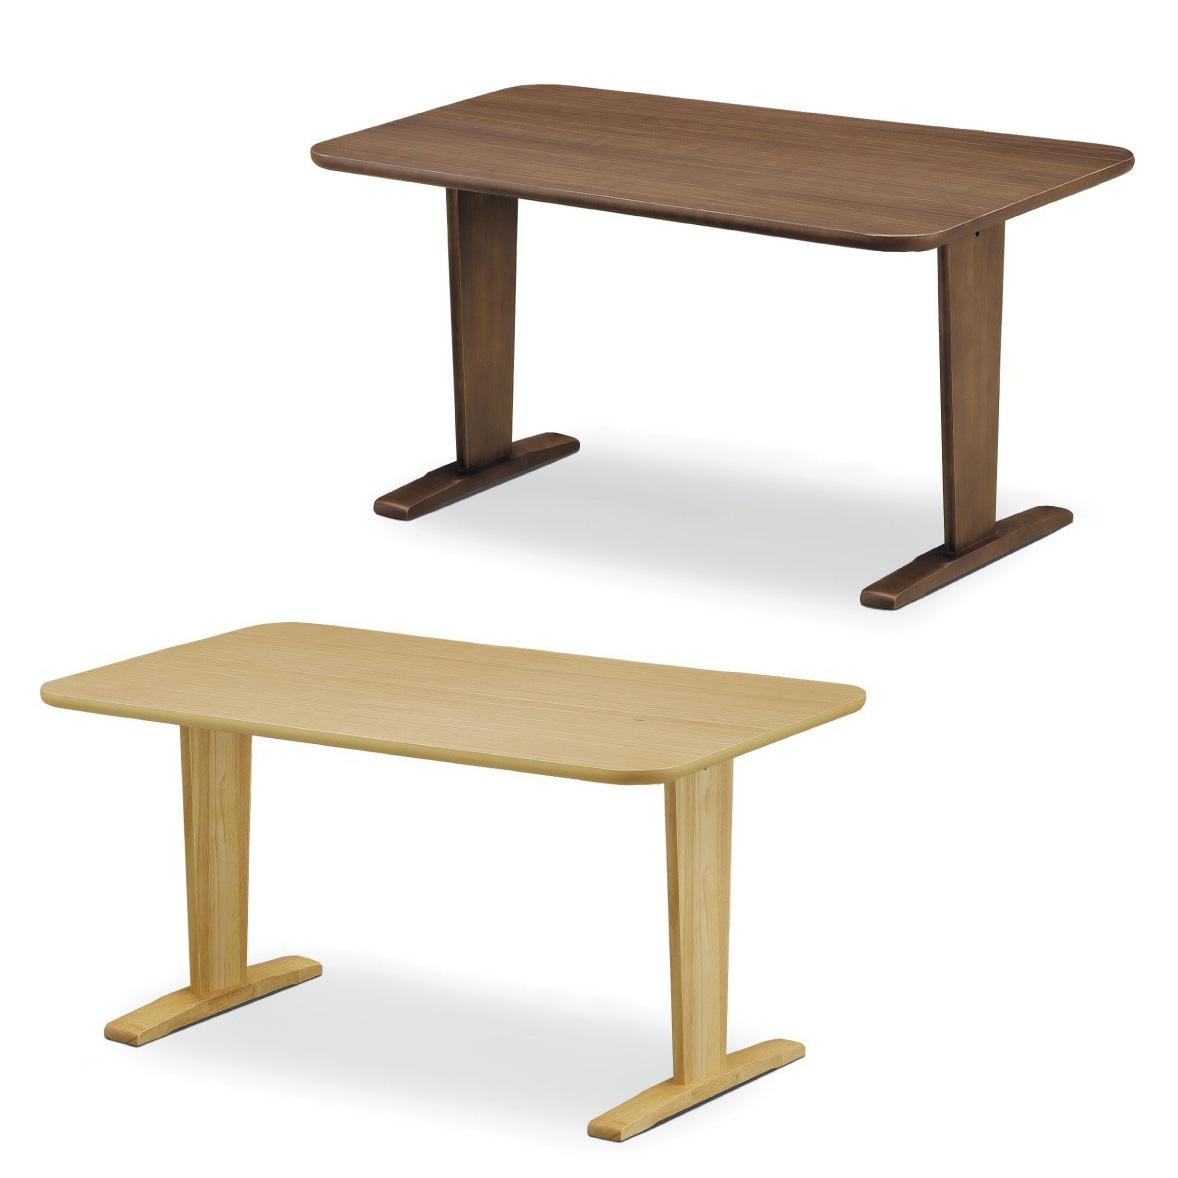 ダイニングテーブル 4人掛け 幅140 奥行80 高さ70cm ウォールナット オーク突板 机 おしゃれ 北欧(代引不可)【送料無料】